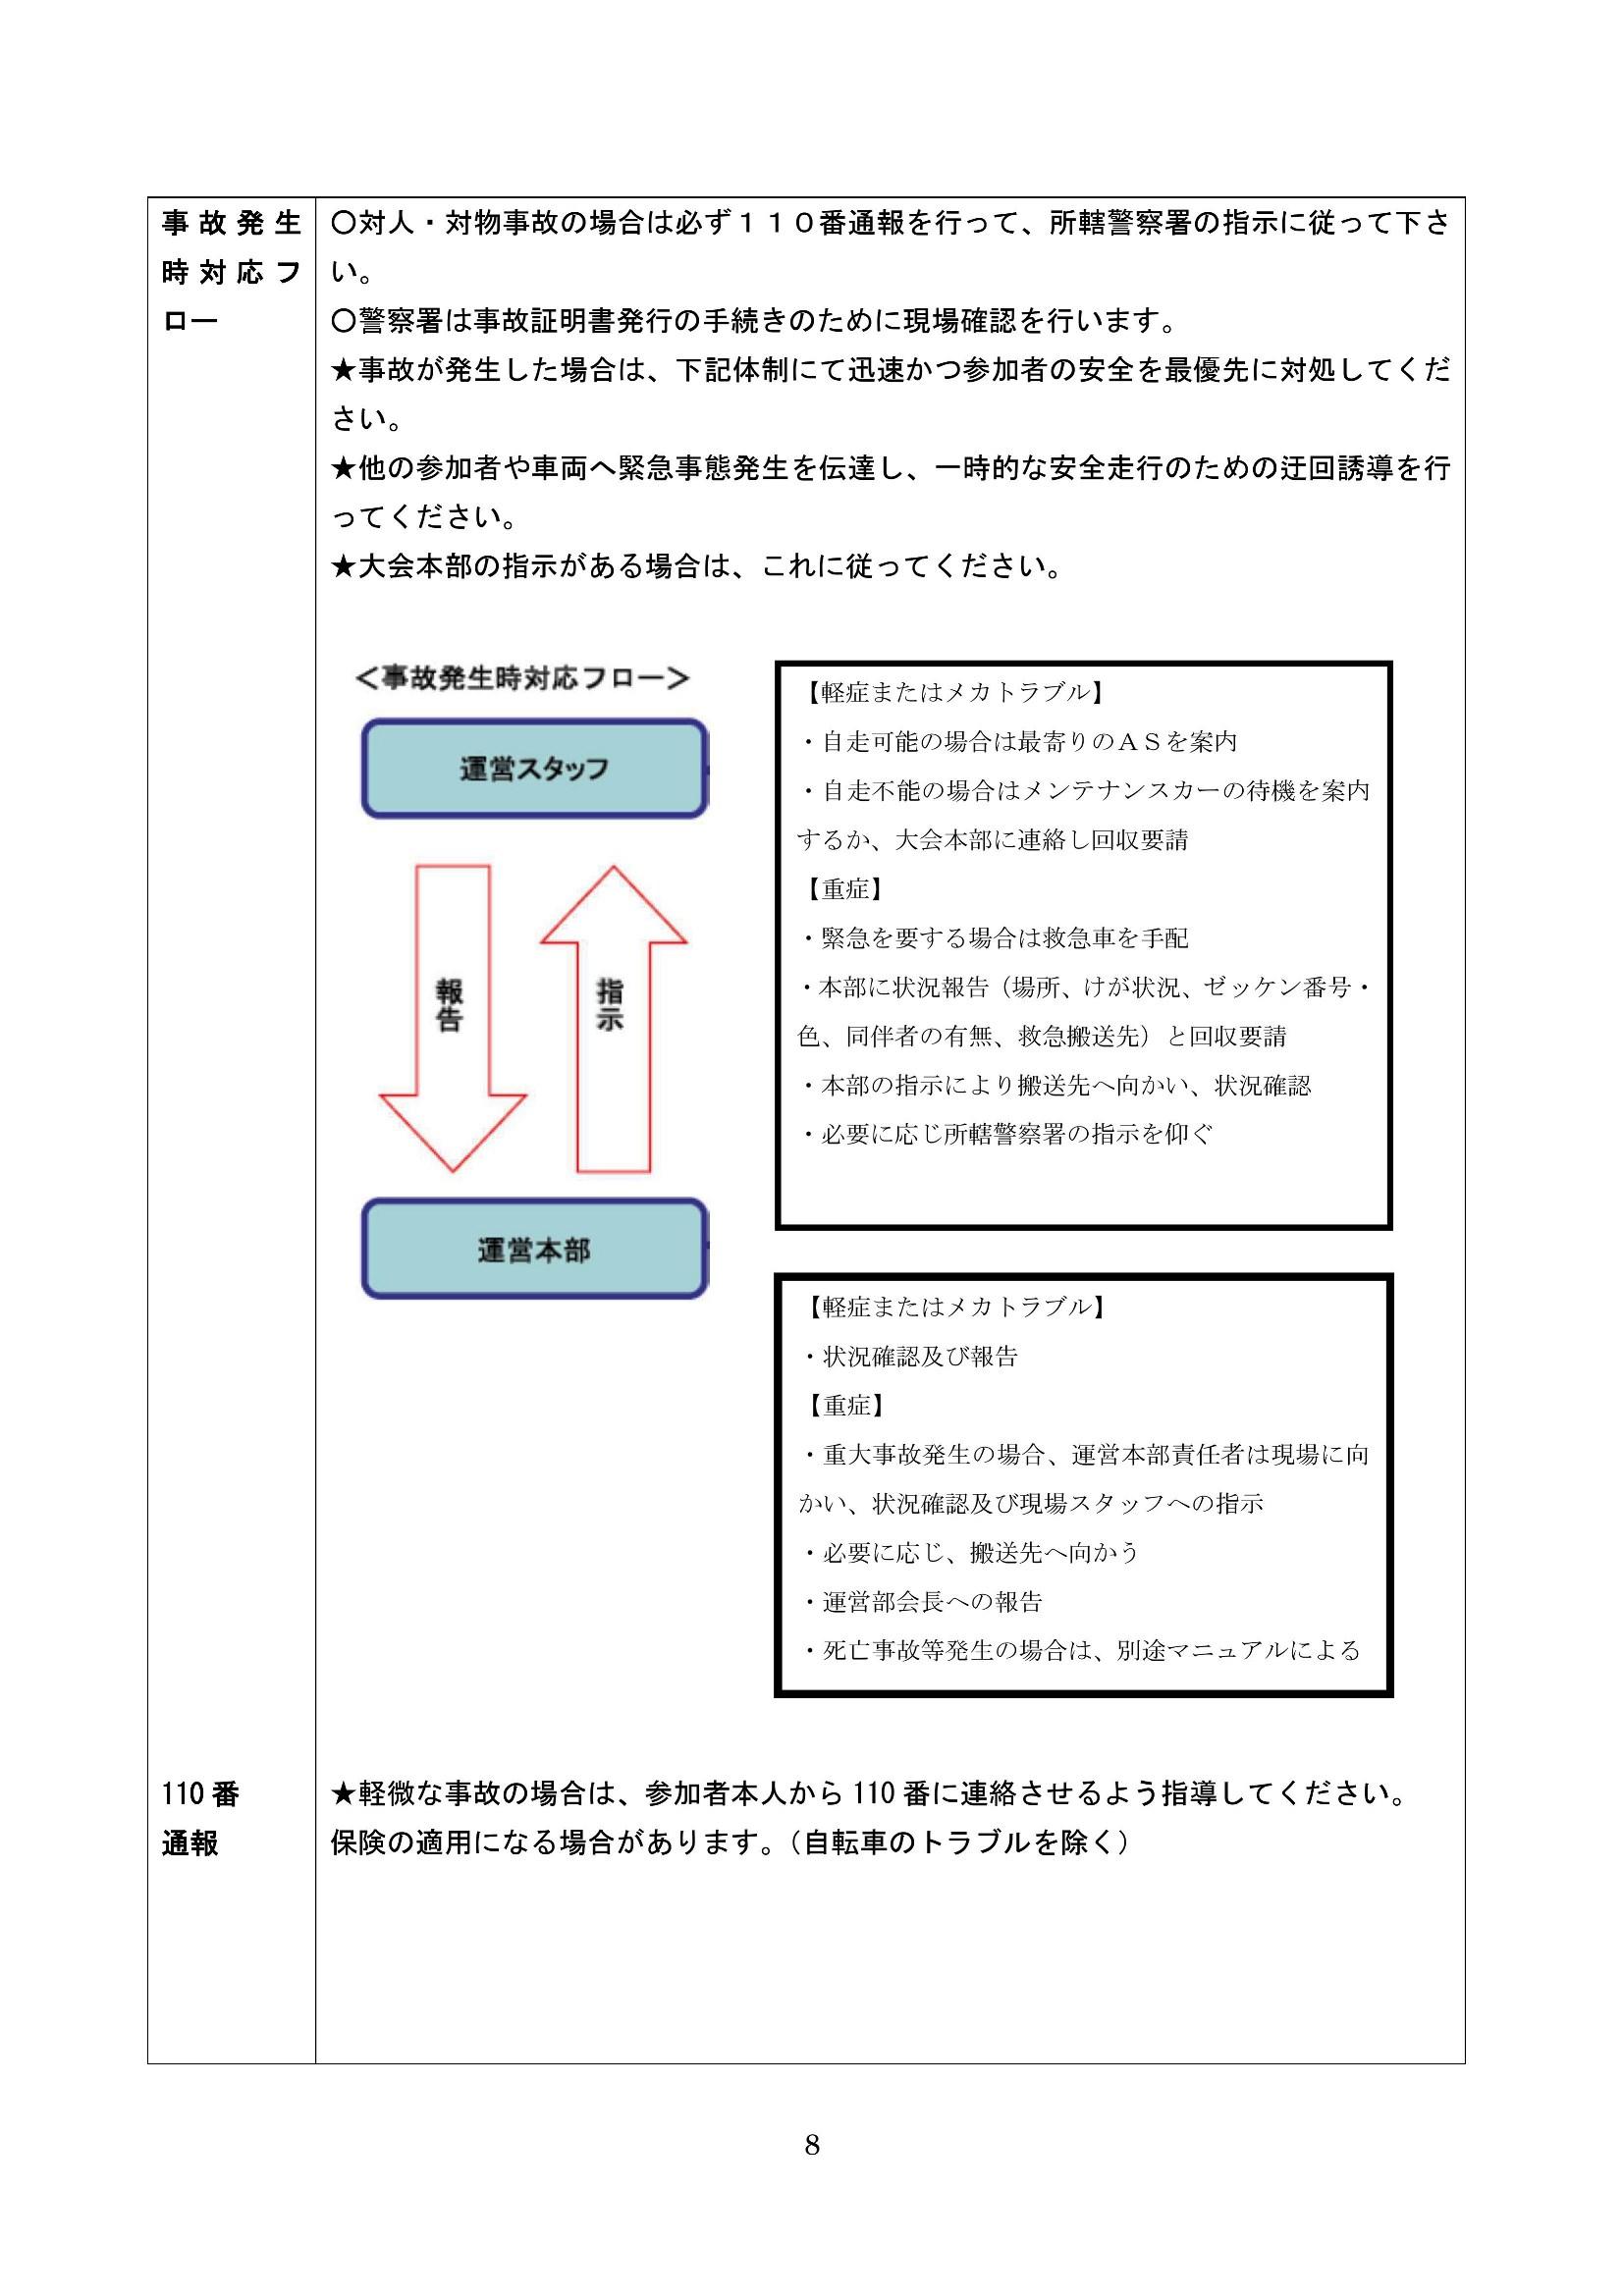 スタッフ共通マニュアル_08